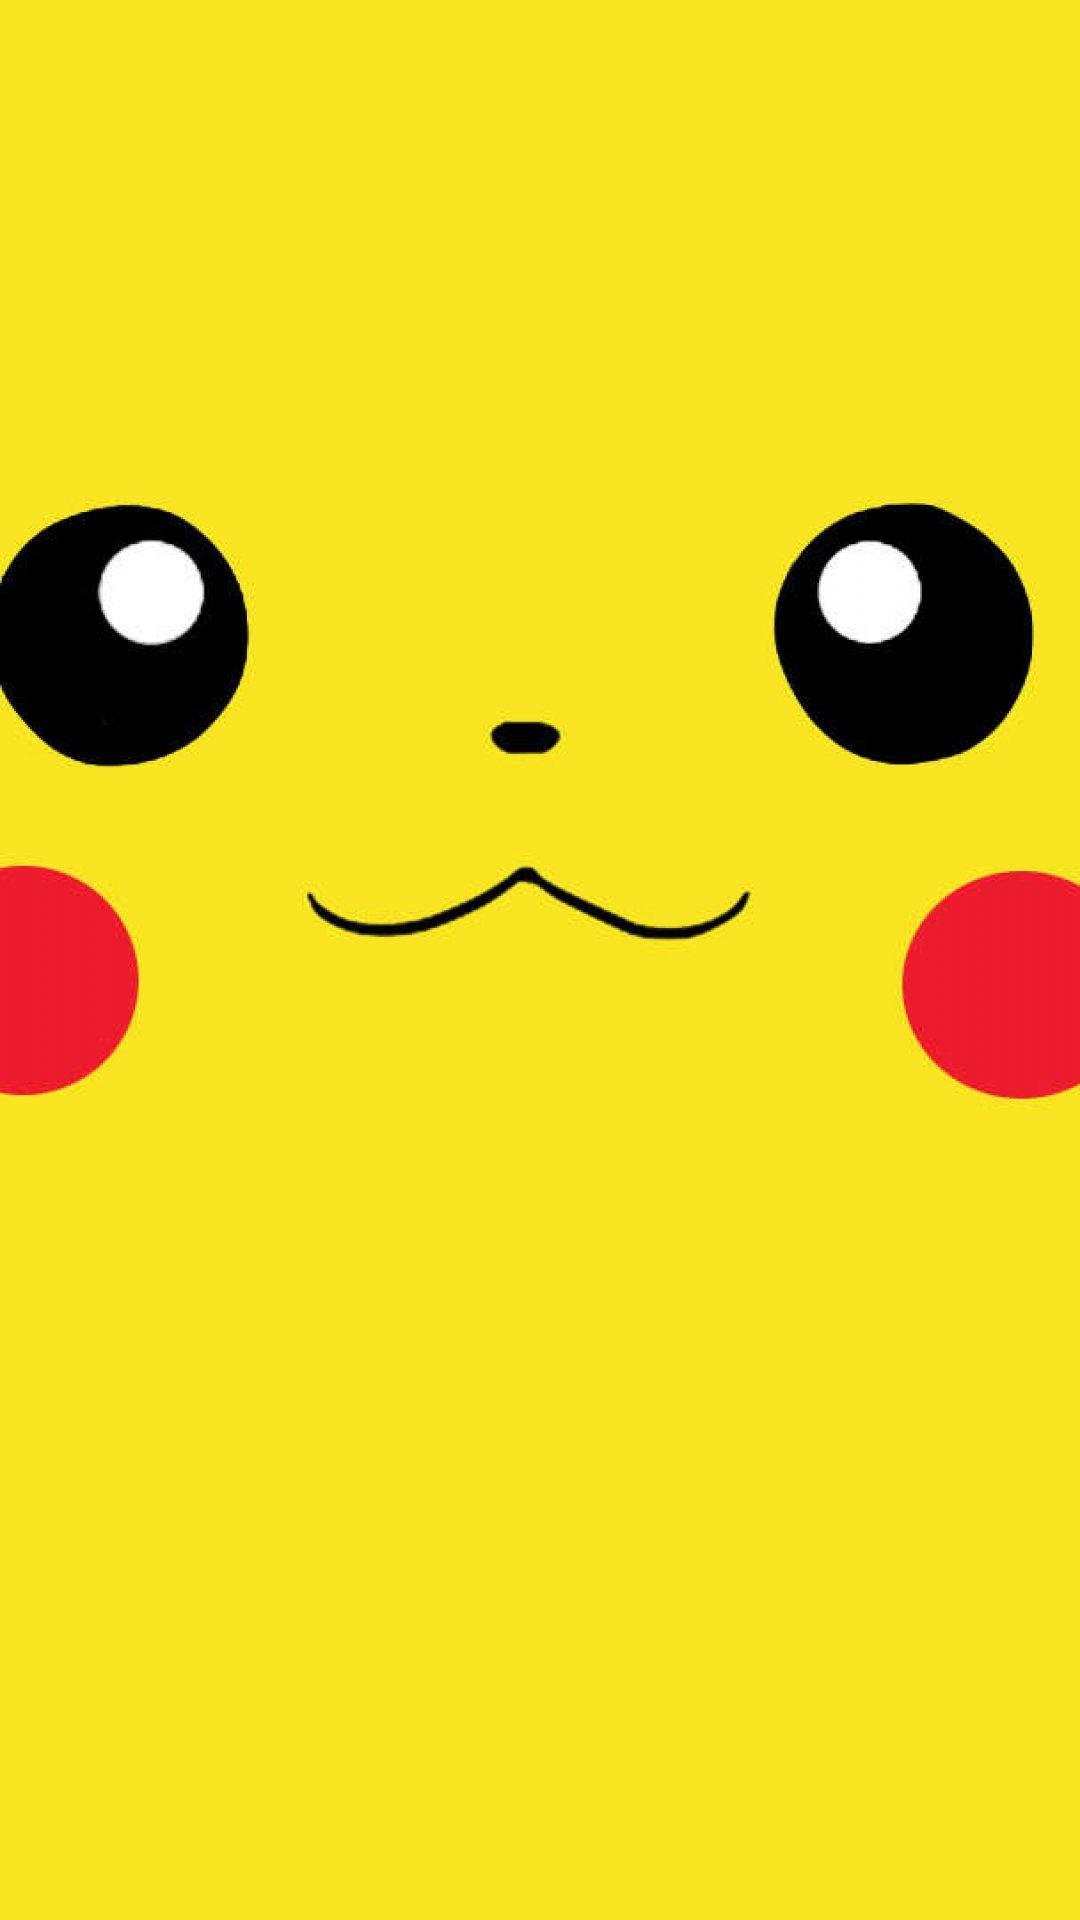 pikachu face wallpaper